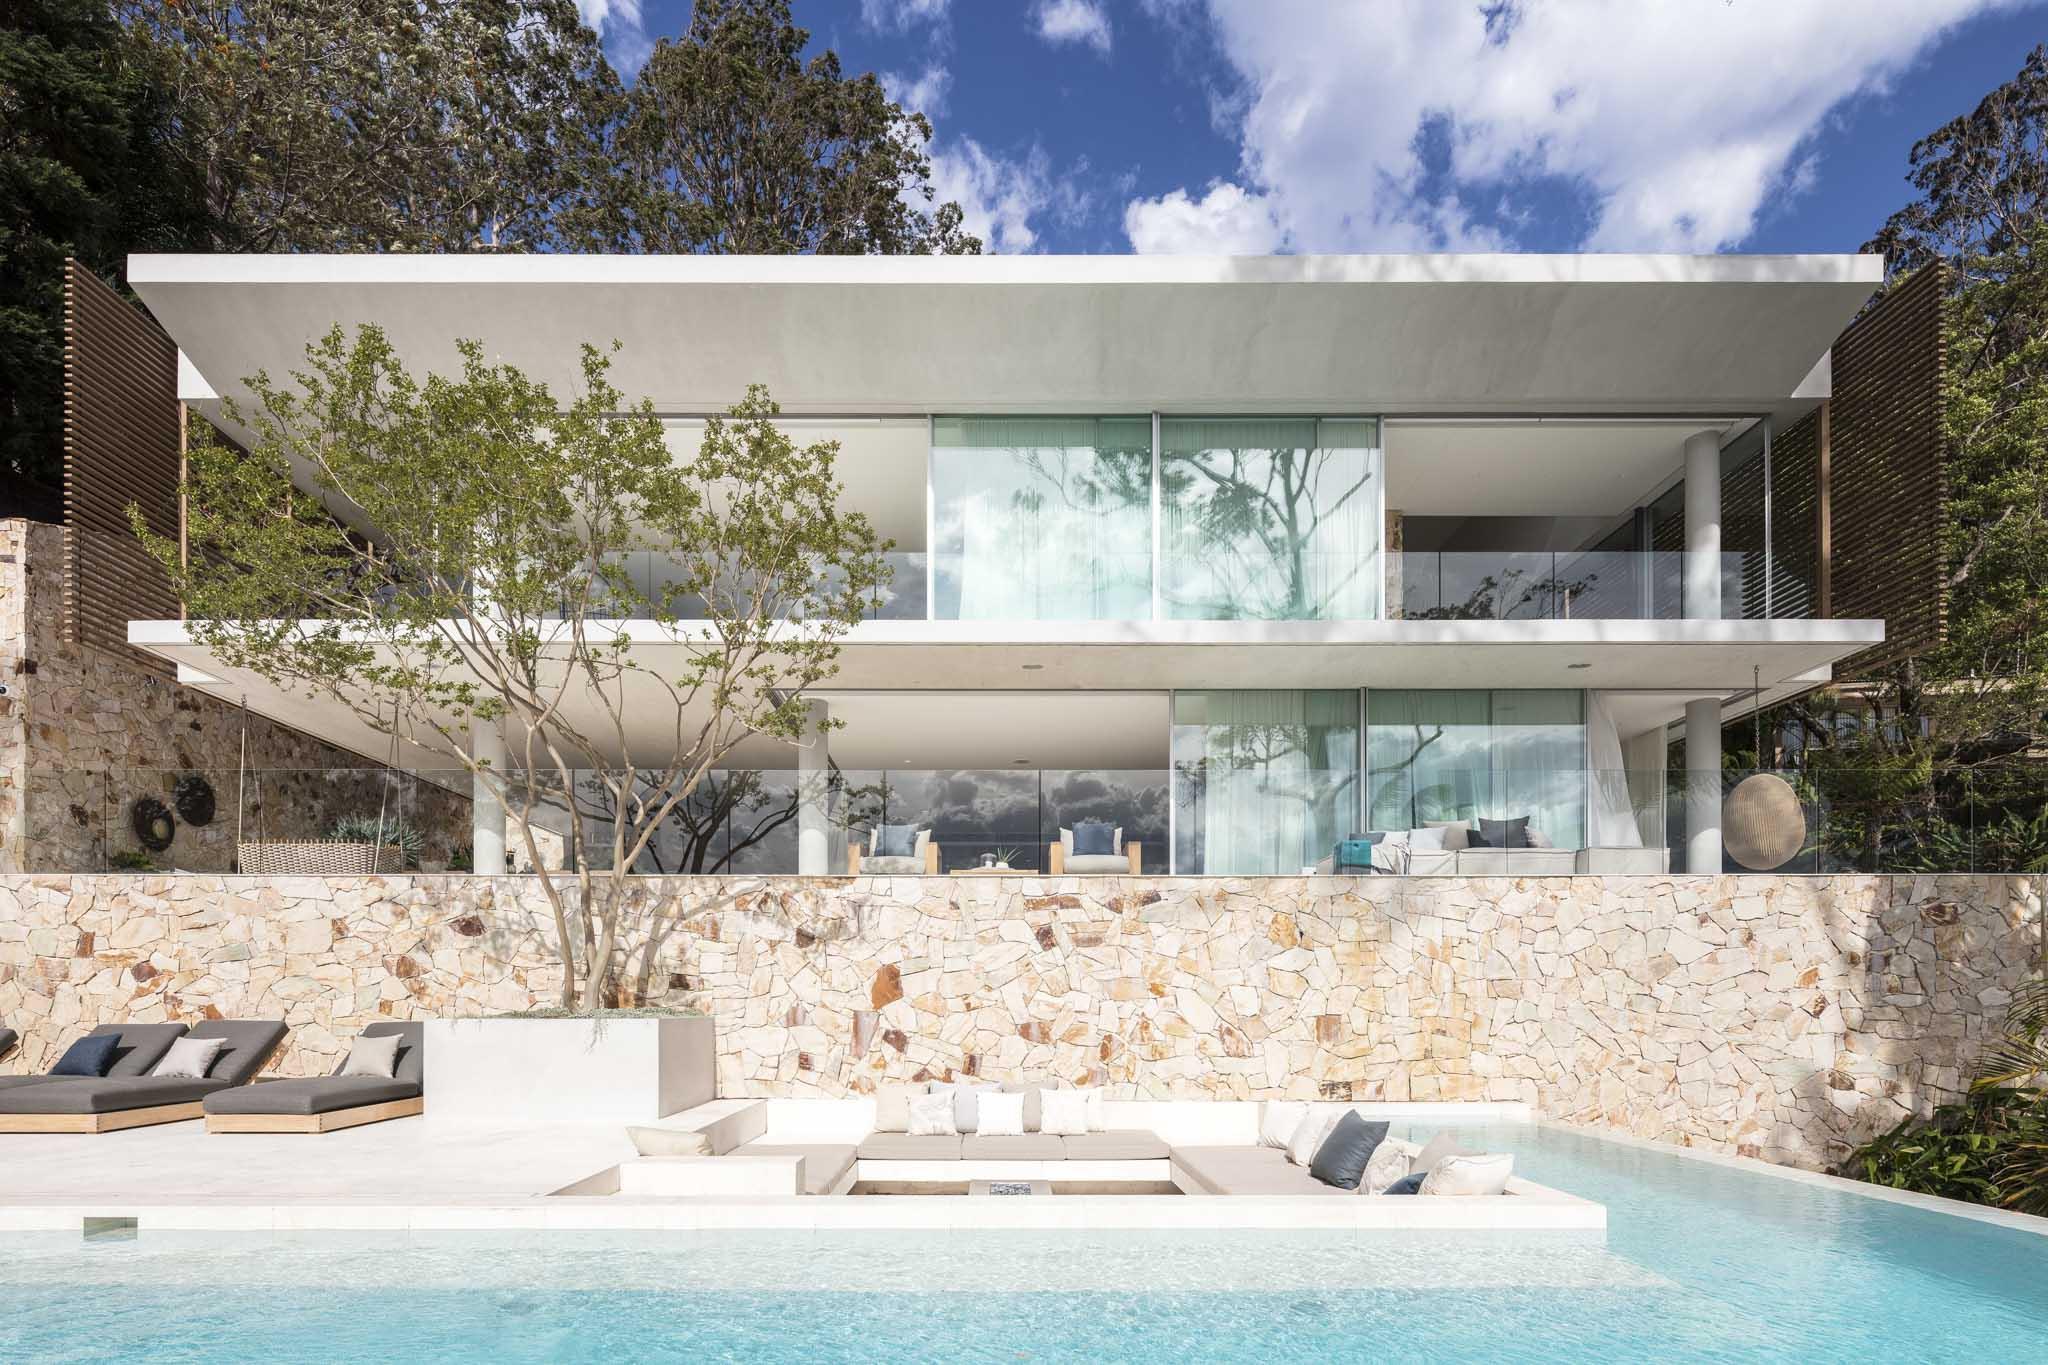 Newport House by Koichi Takada Architects